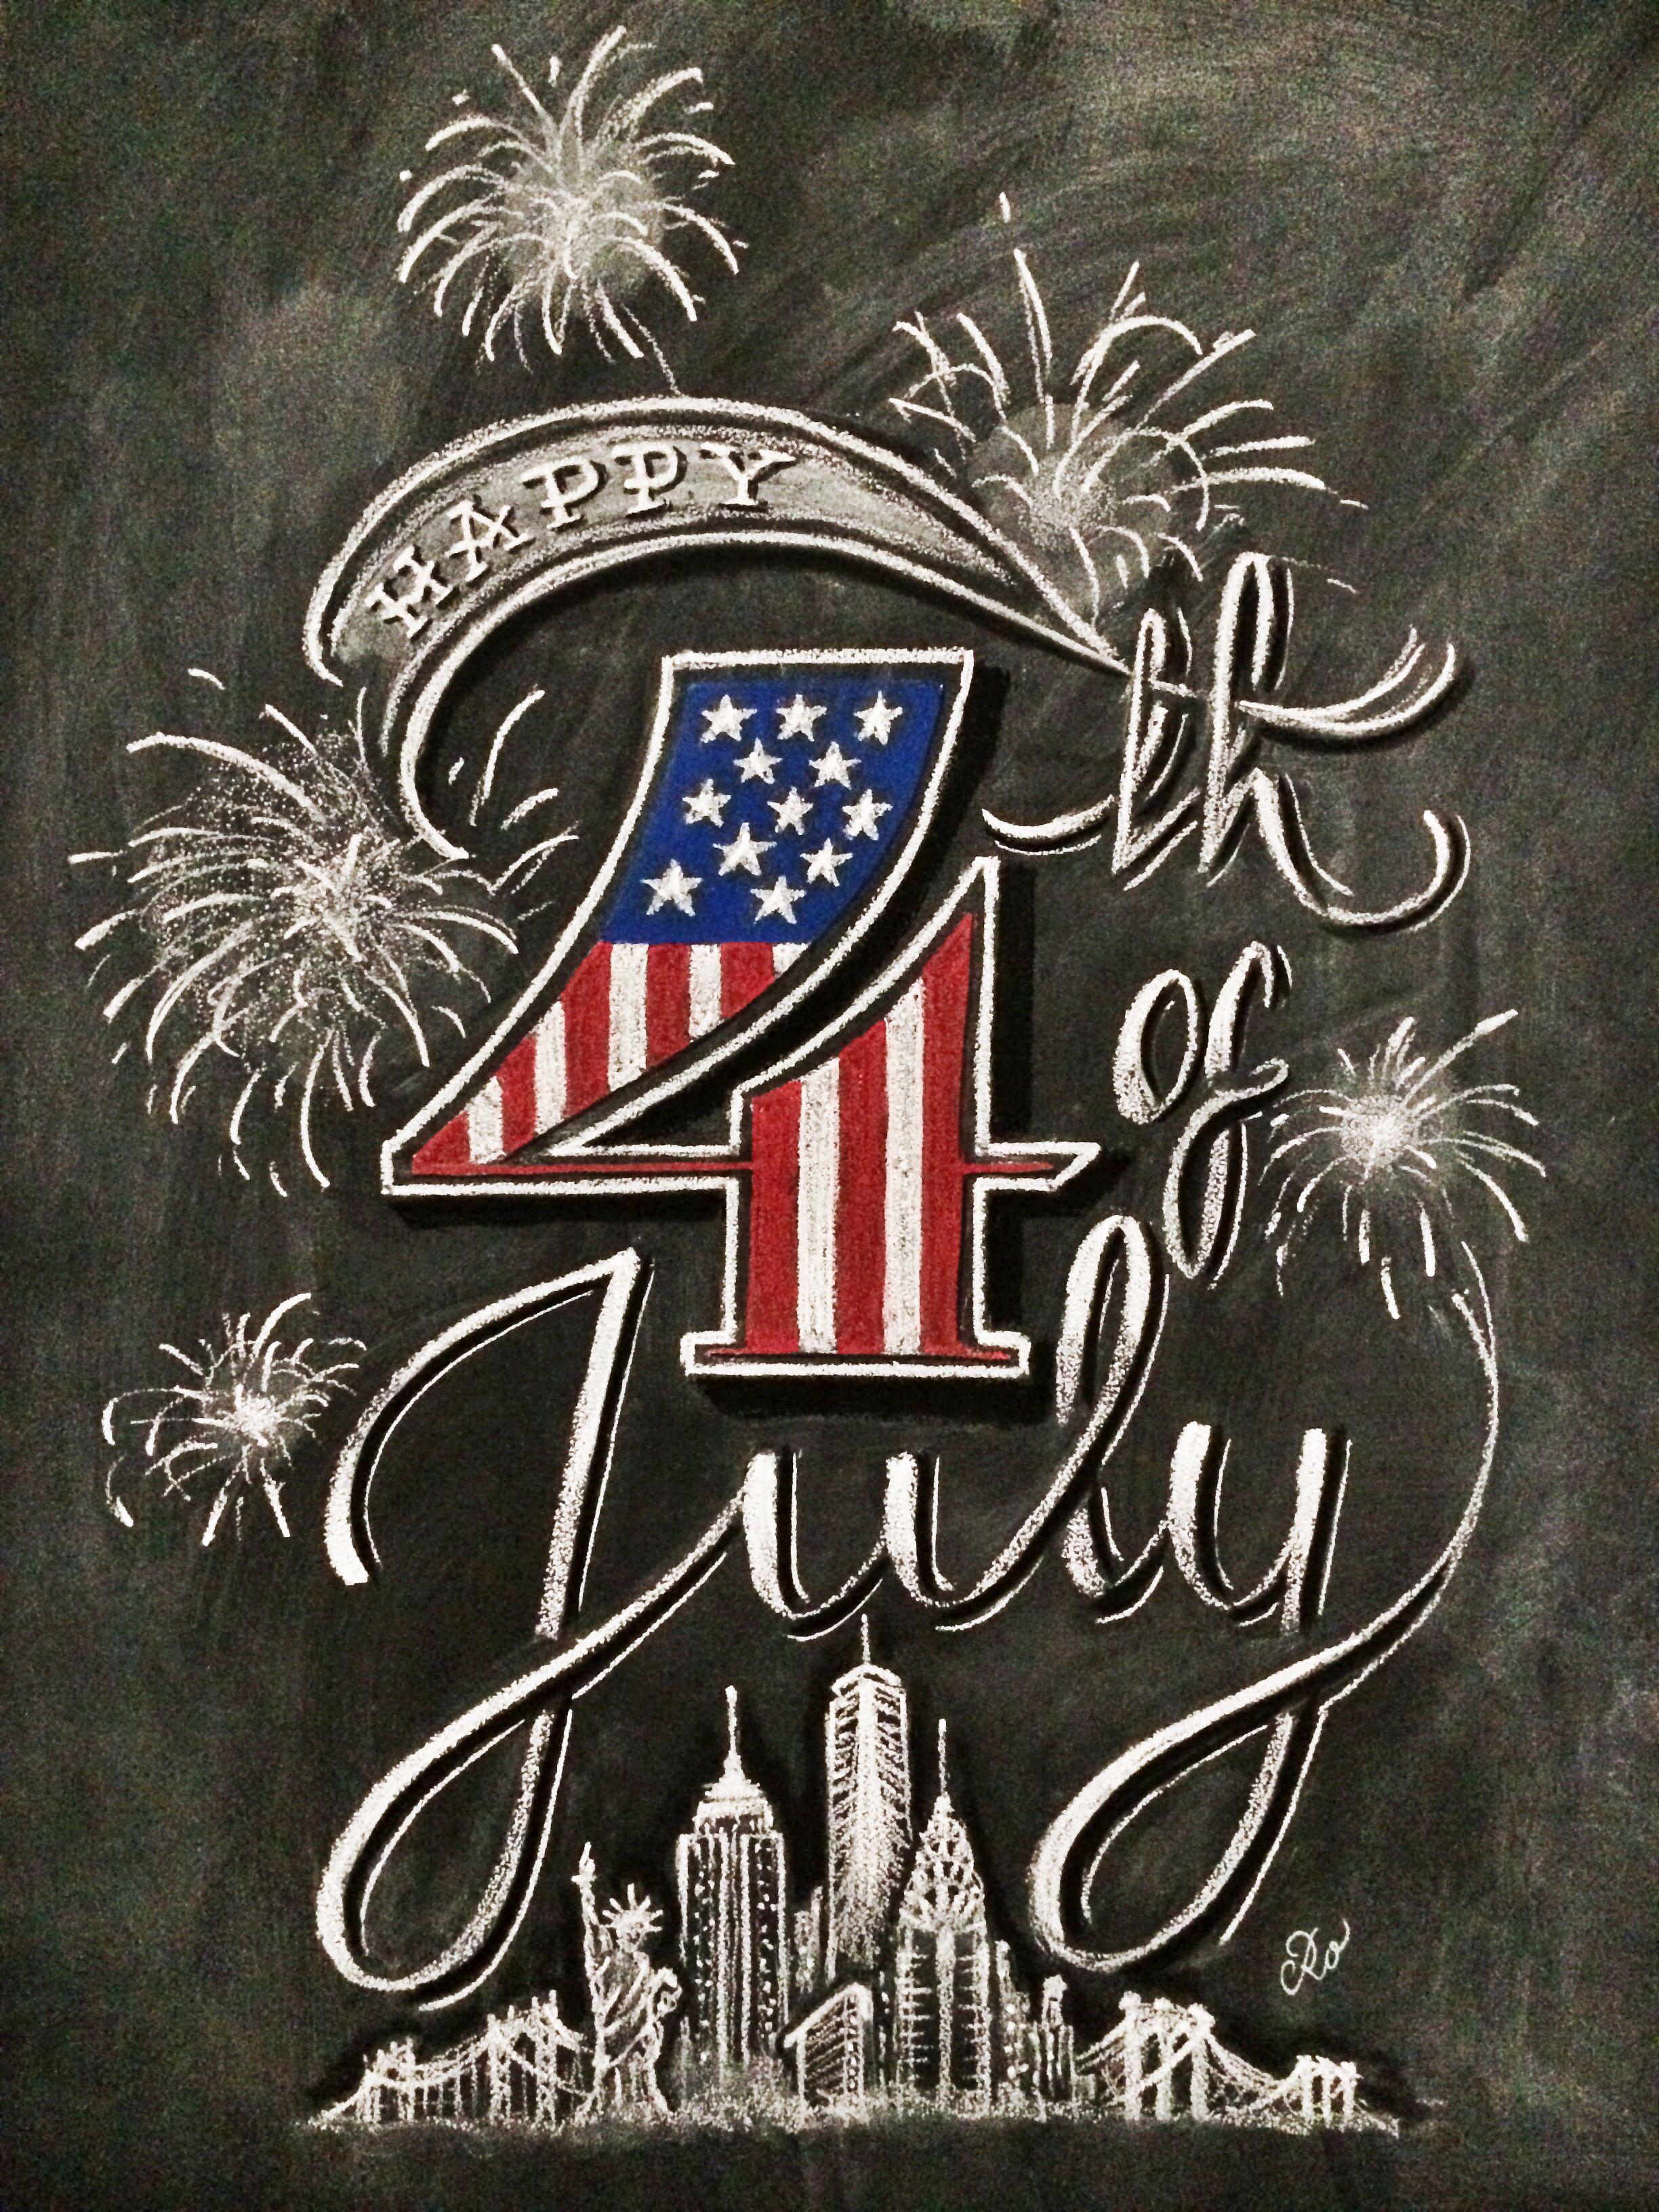 chalkboard art 4th of july